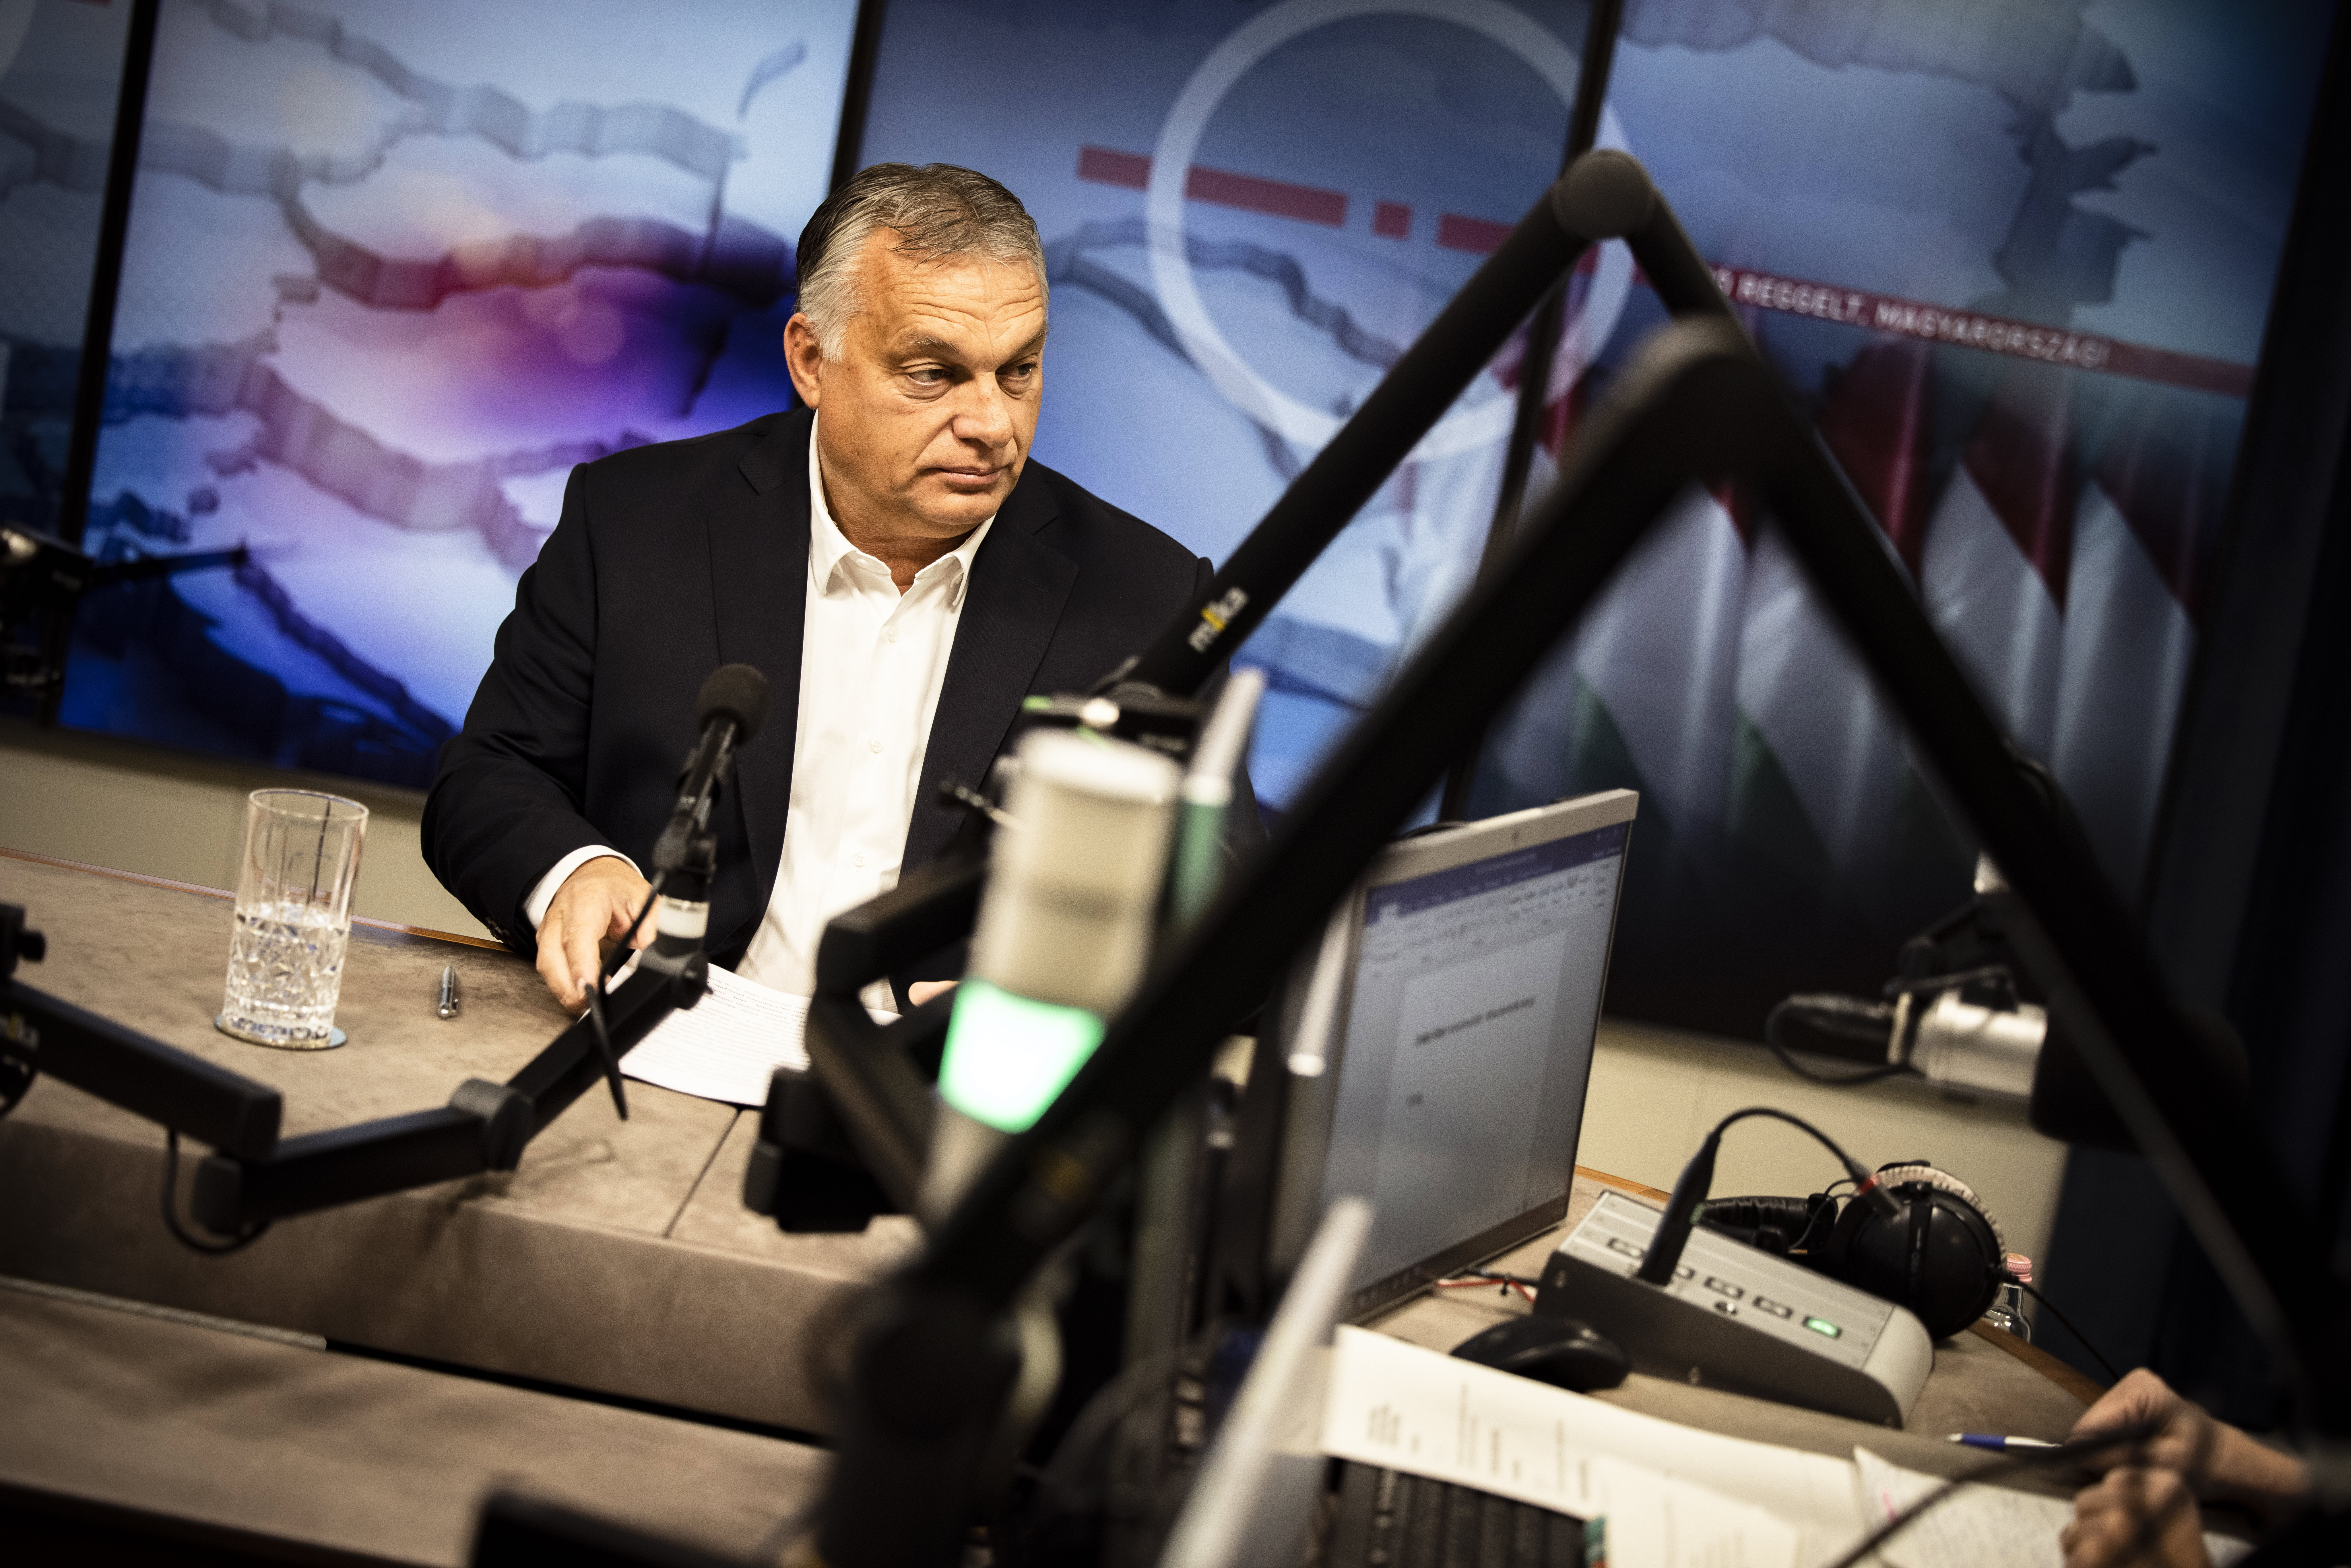 Nagy különbséggel Orbán Viktort akarják miniszterelnöknek a választók 2022 után is